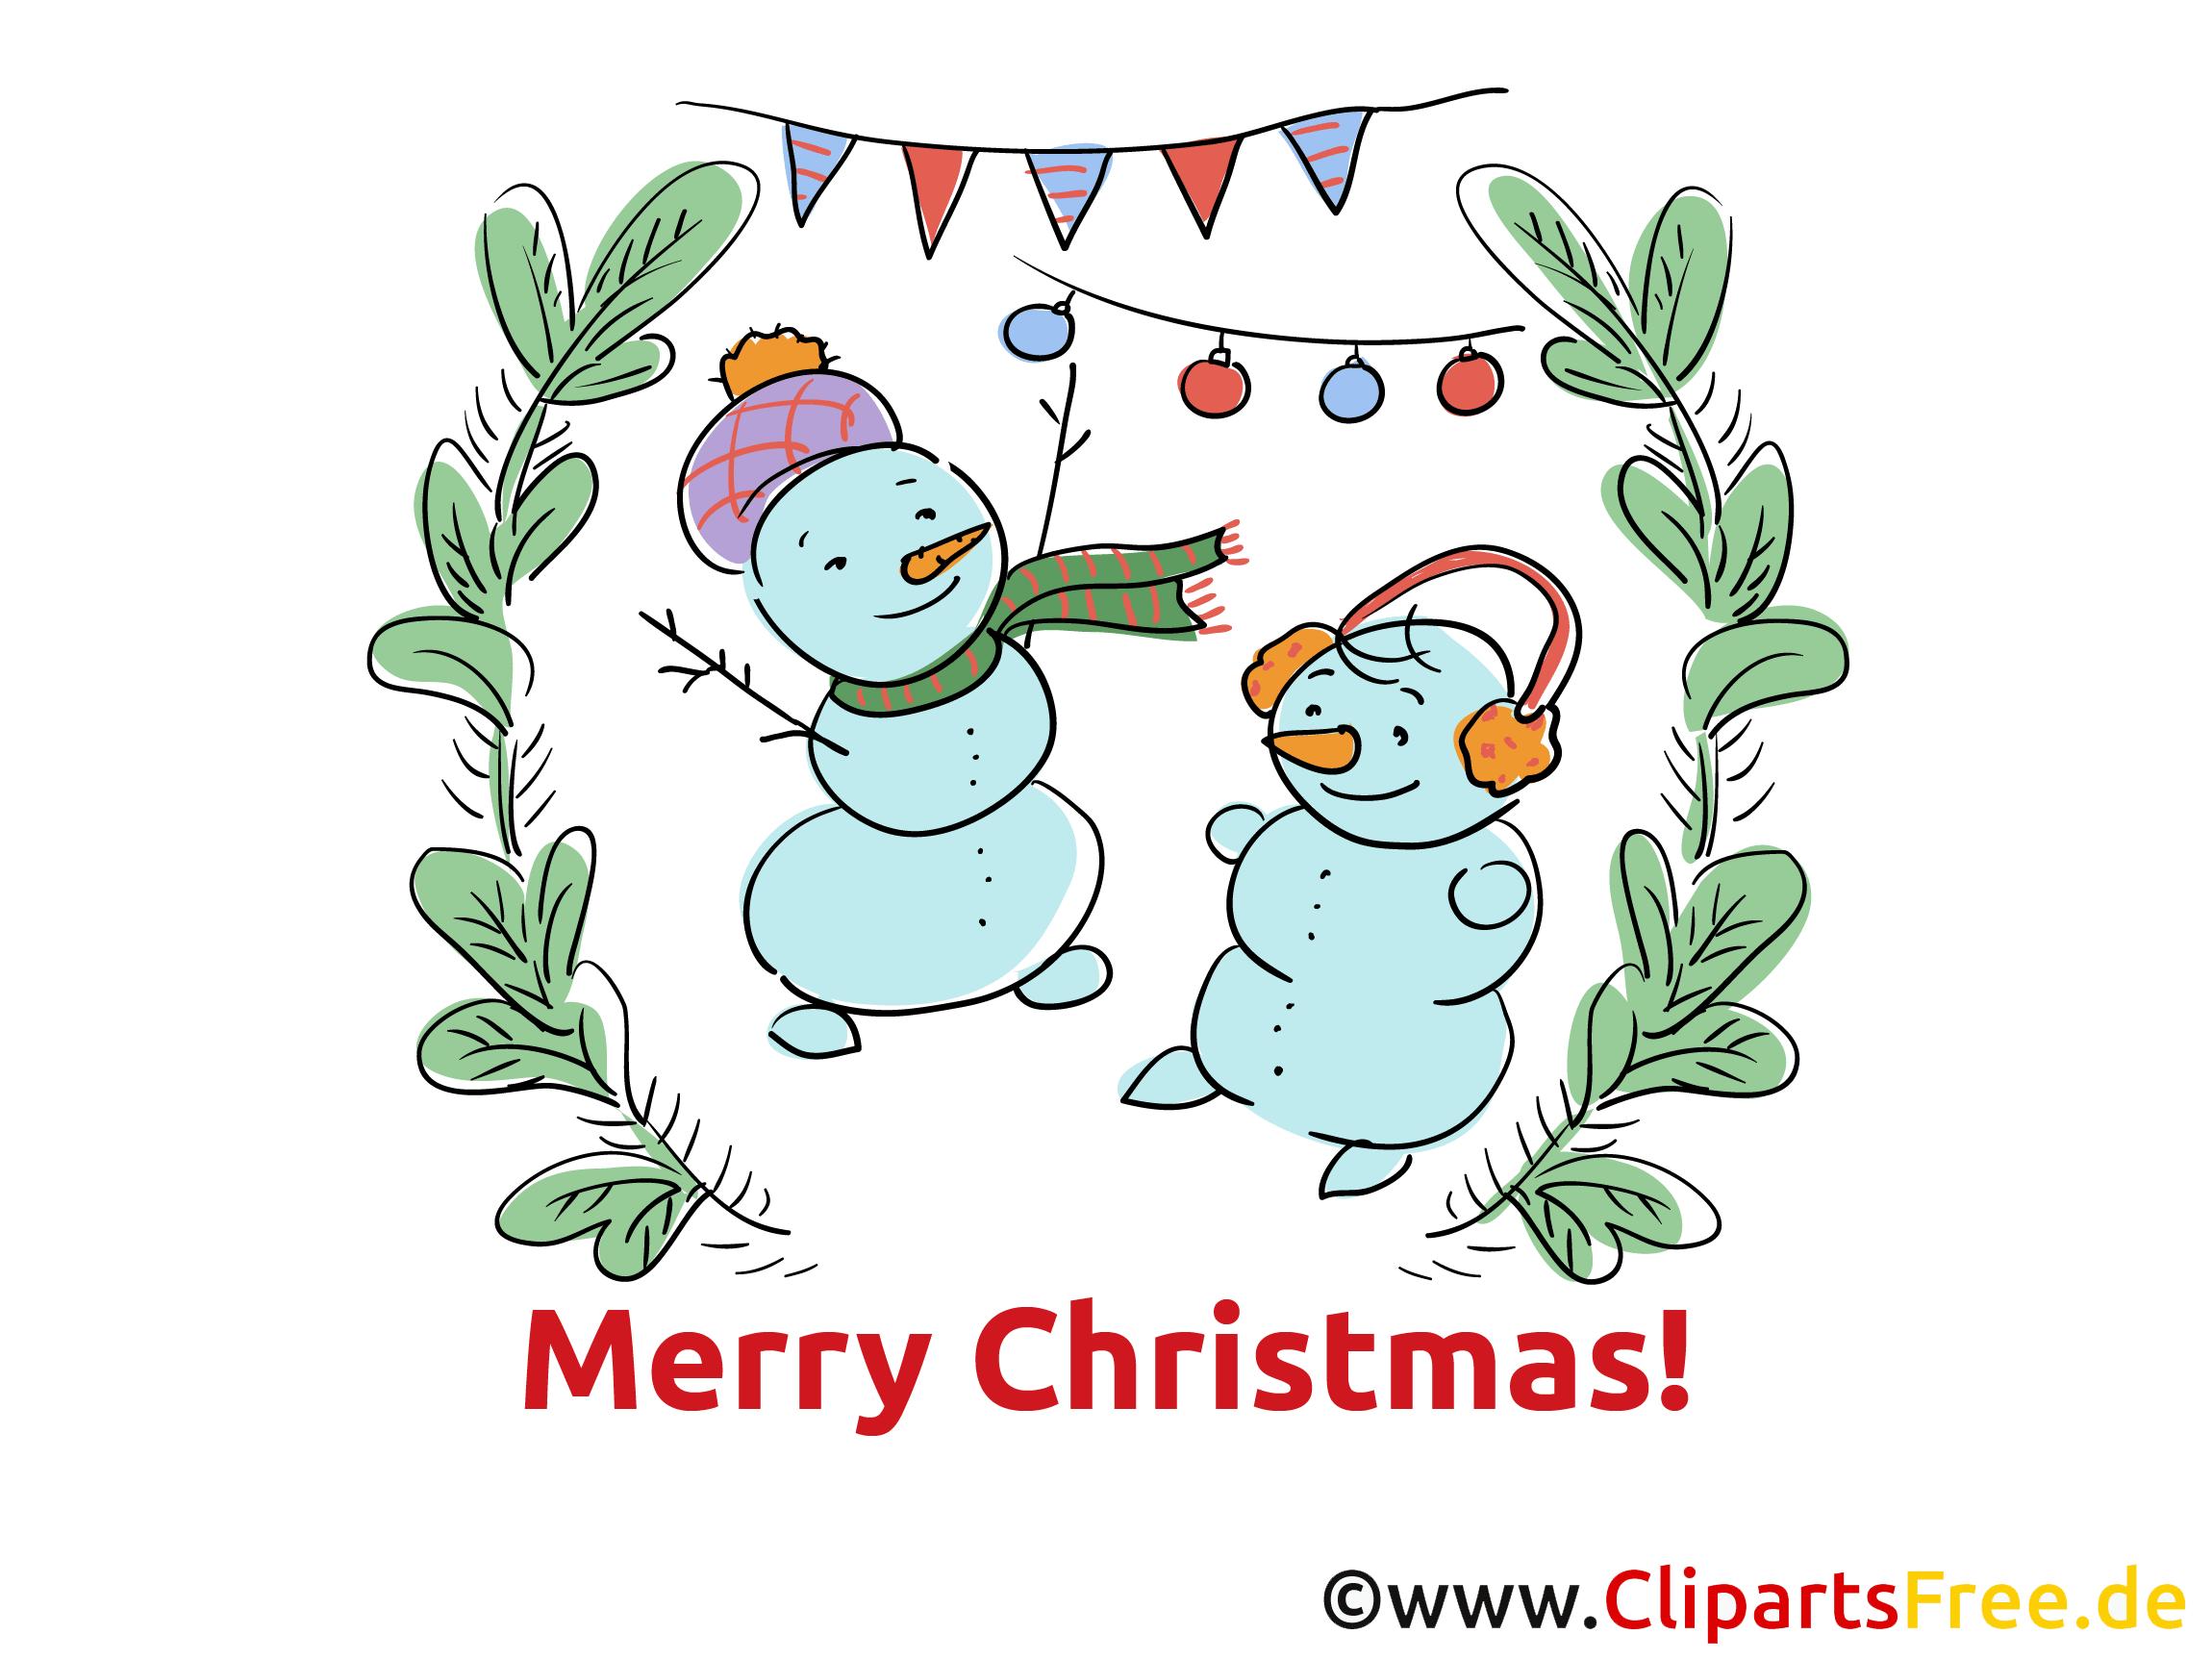 Digitale weihnachtskarten f r firmen und privatpersonen merry christmas en - Digitale weihnachtskarten ...